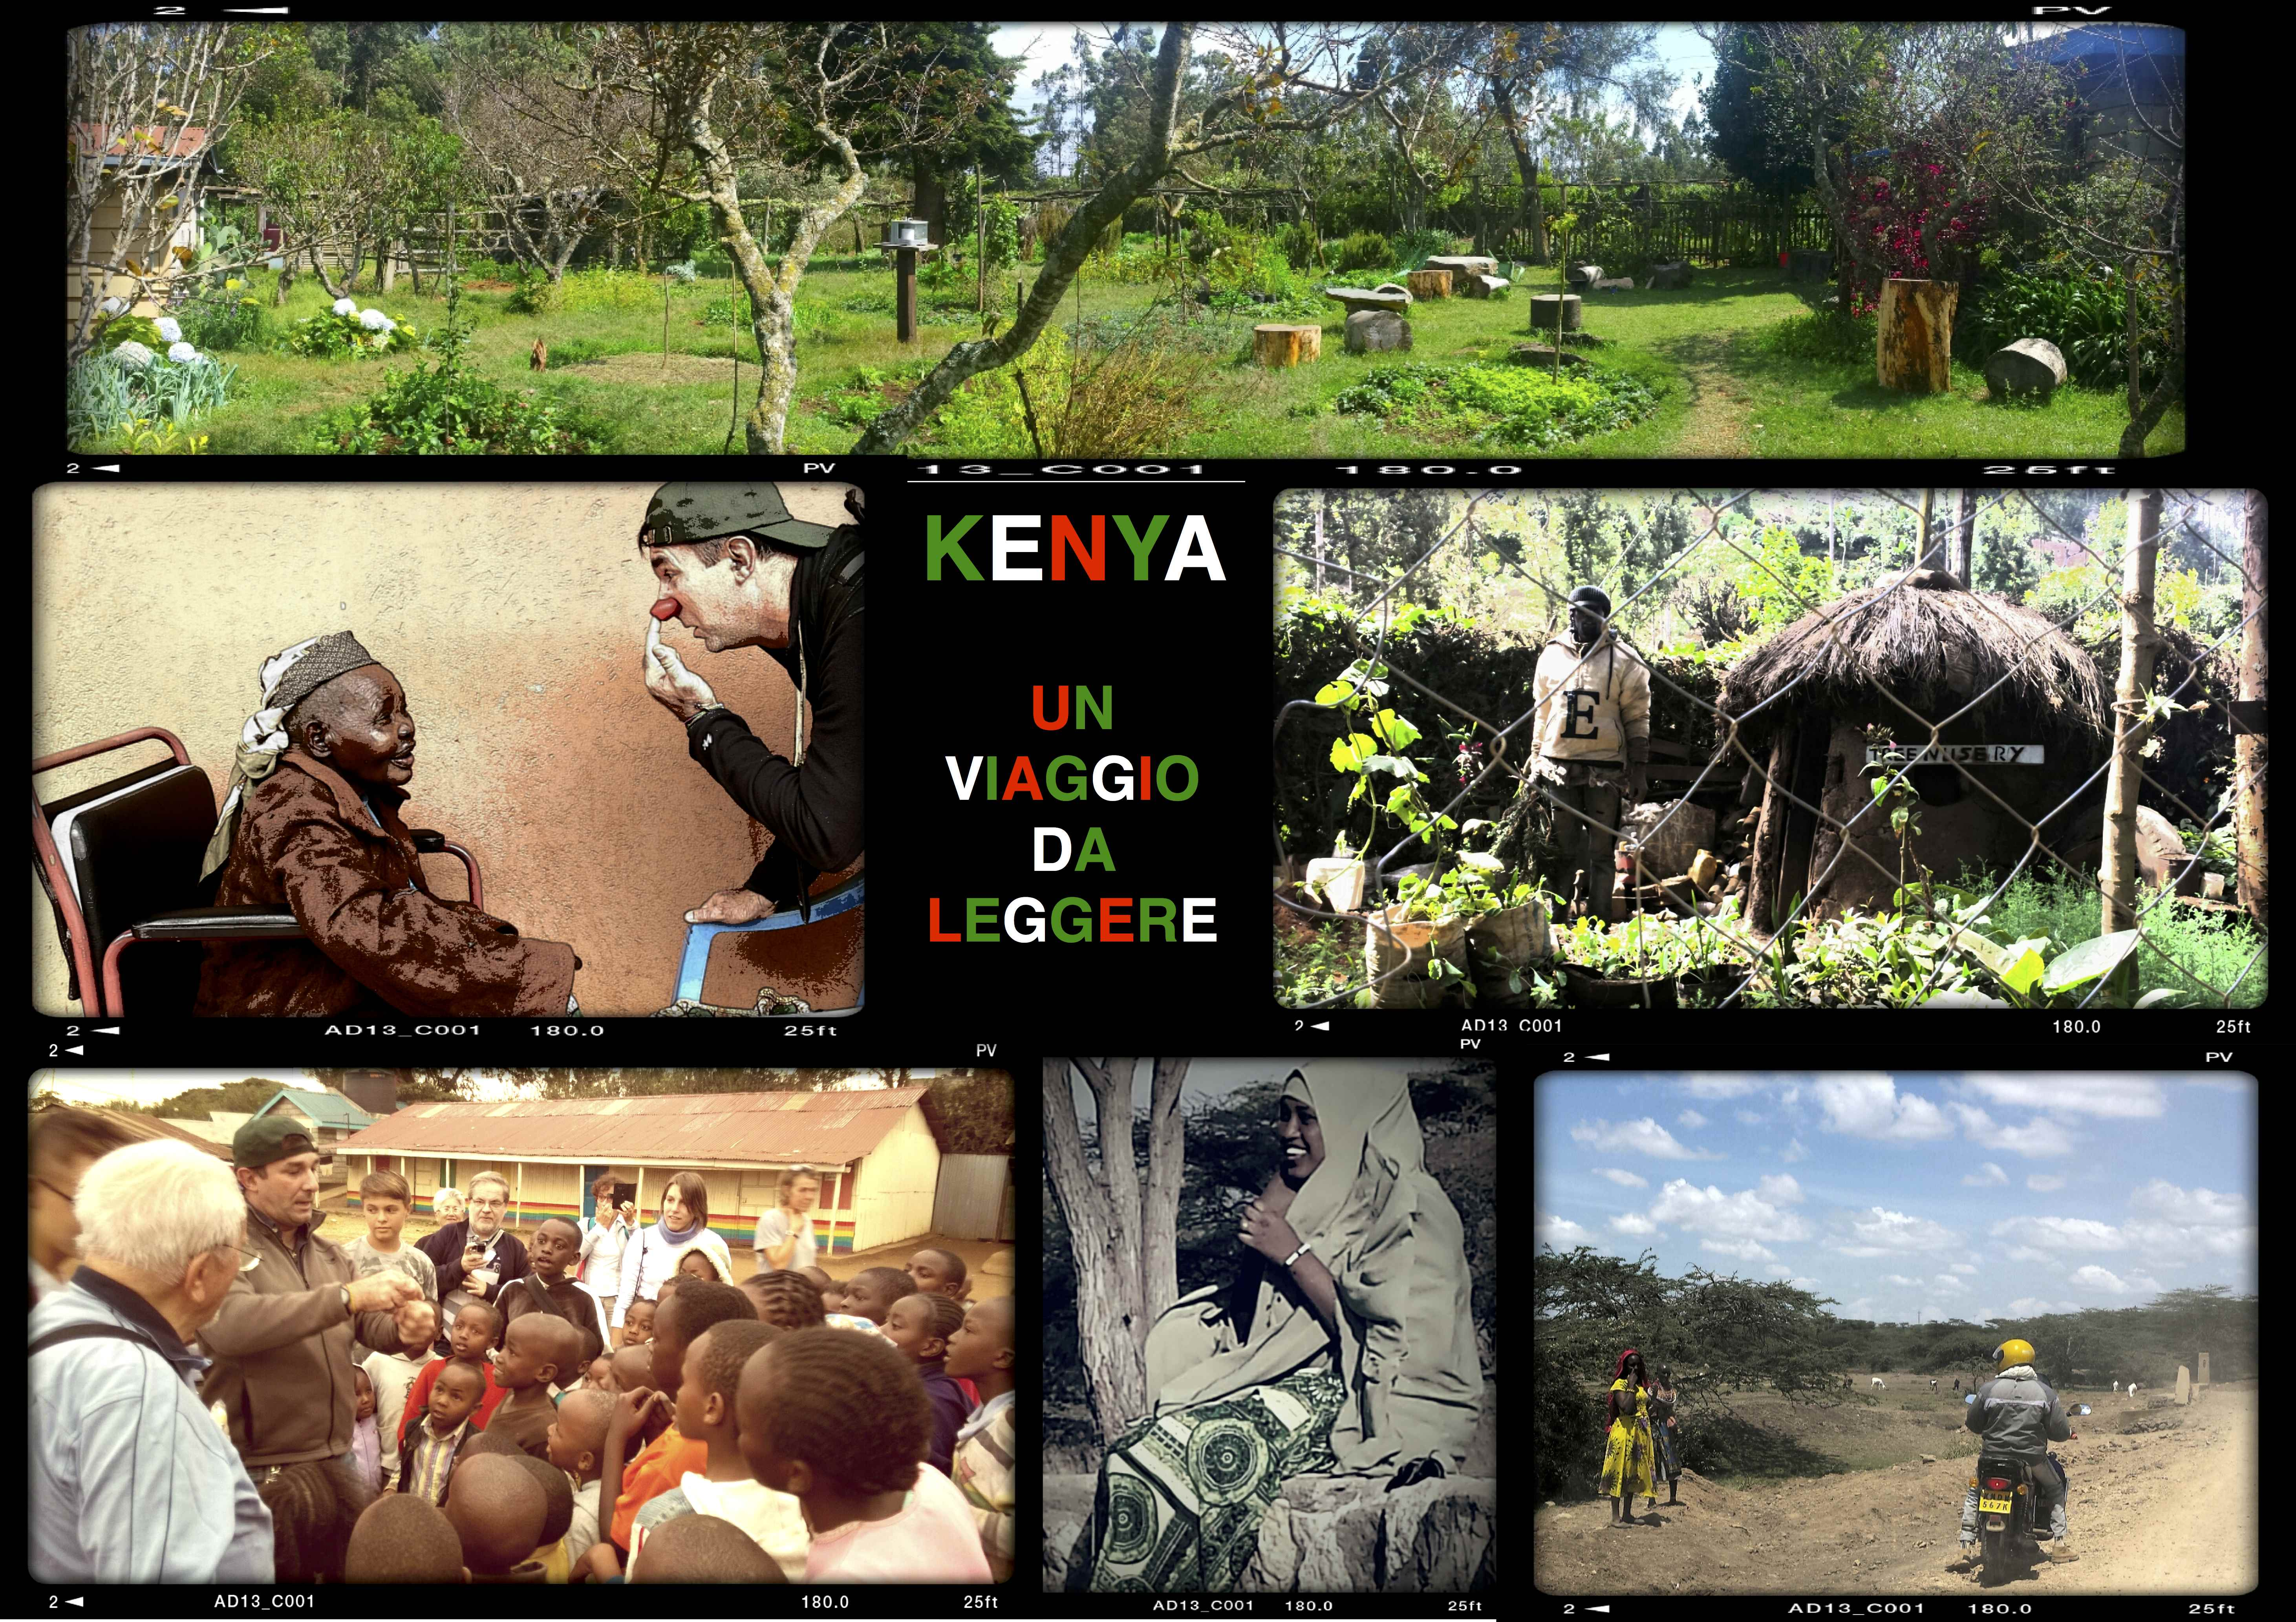 La magia silenziosa del Kenya, il viaggio continua